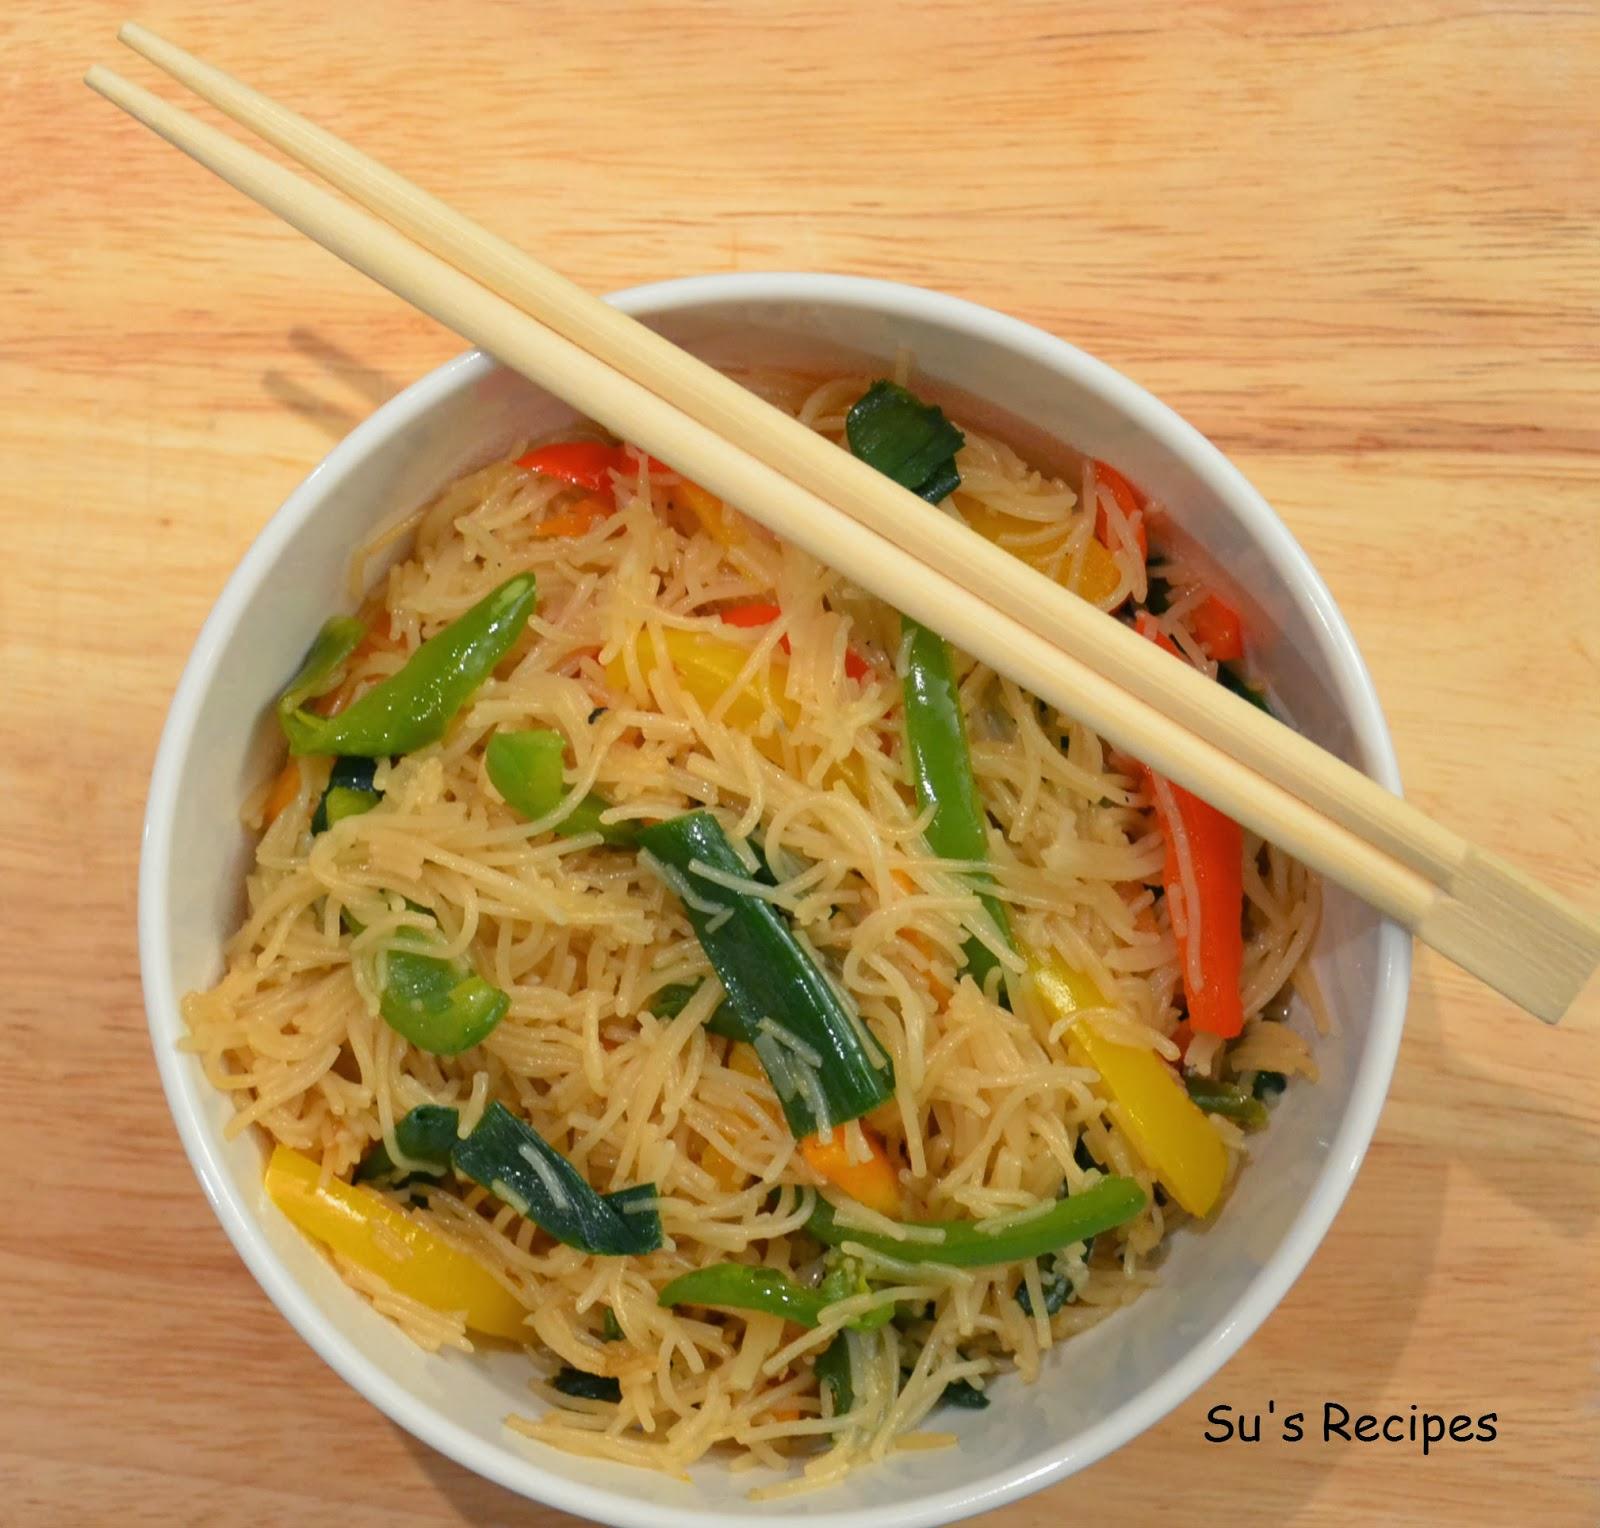 Su's Recipes: Hitikida Avarekaalu Saaru